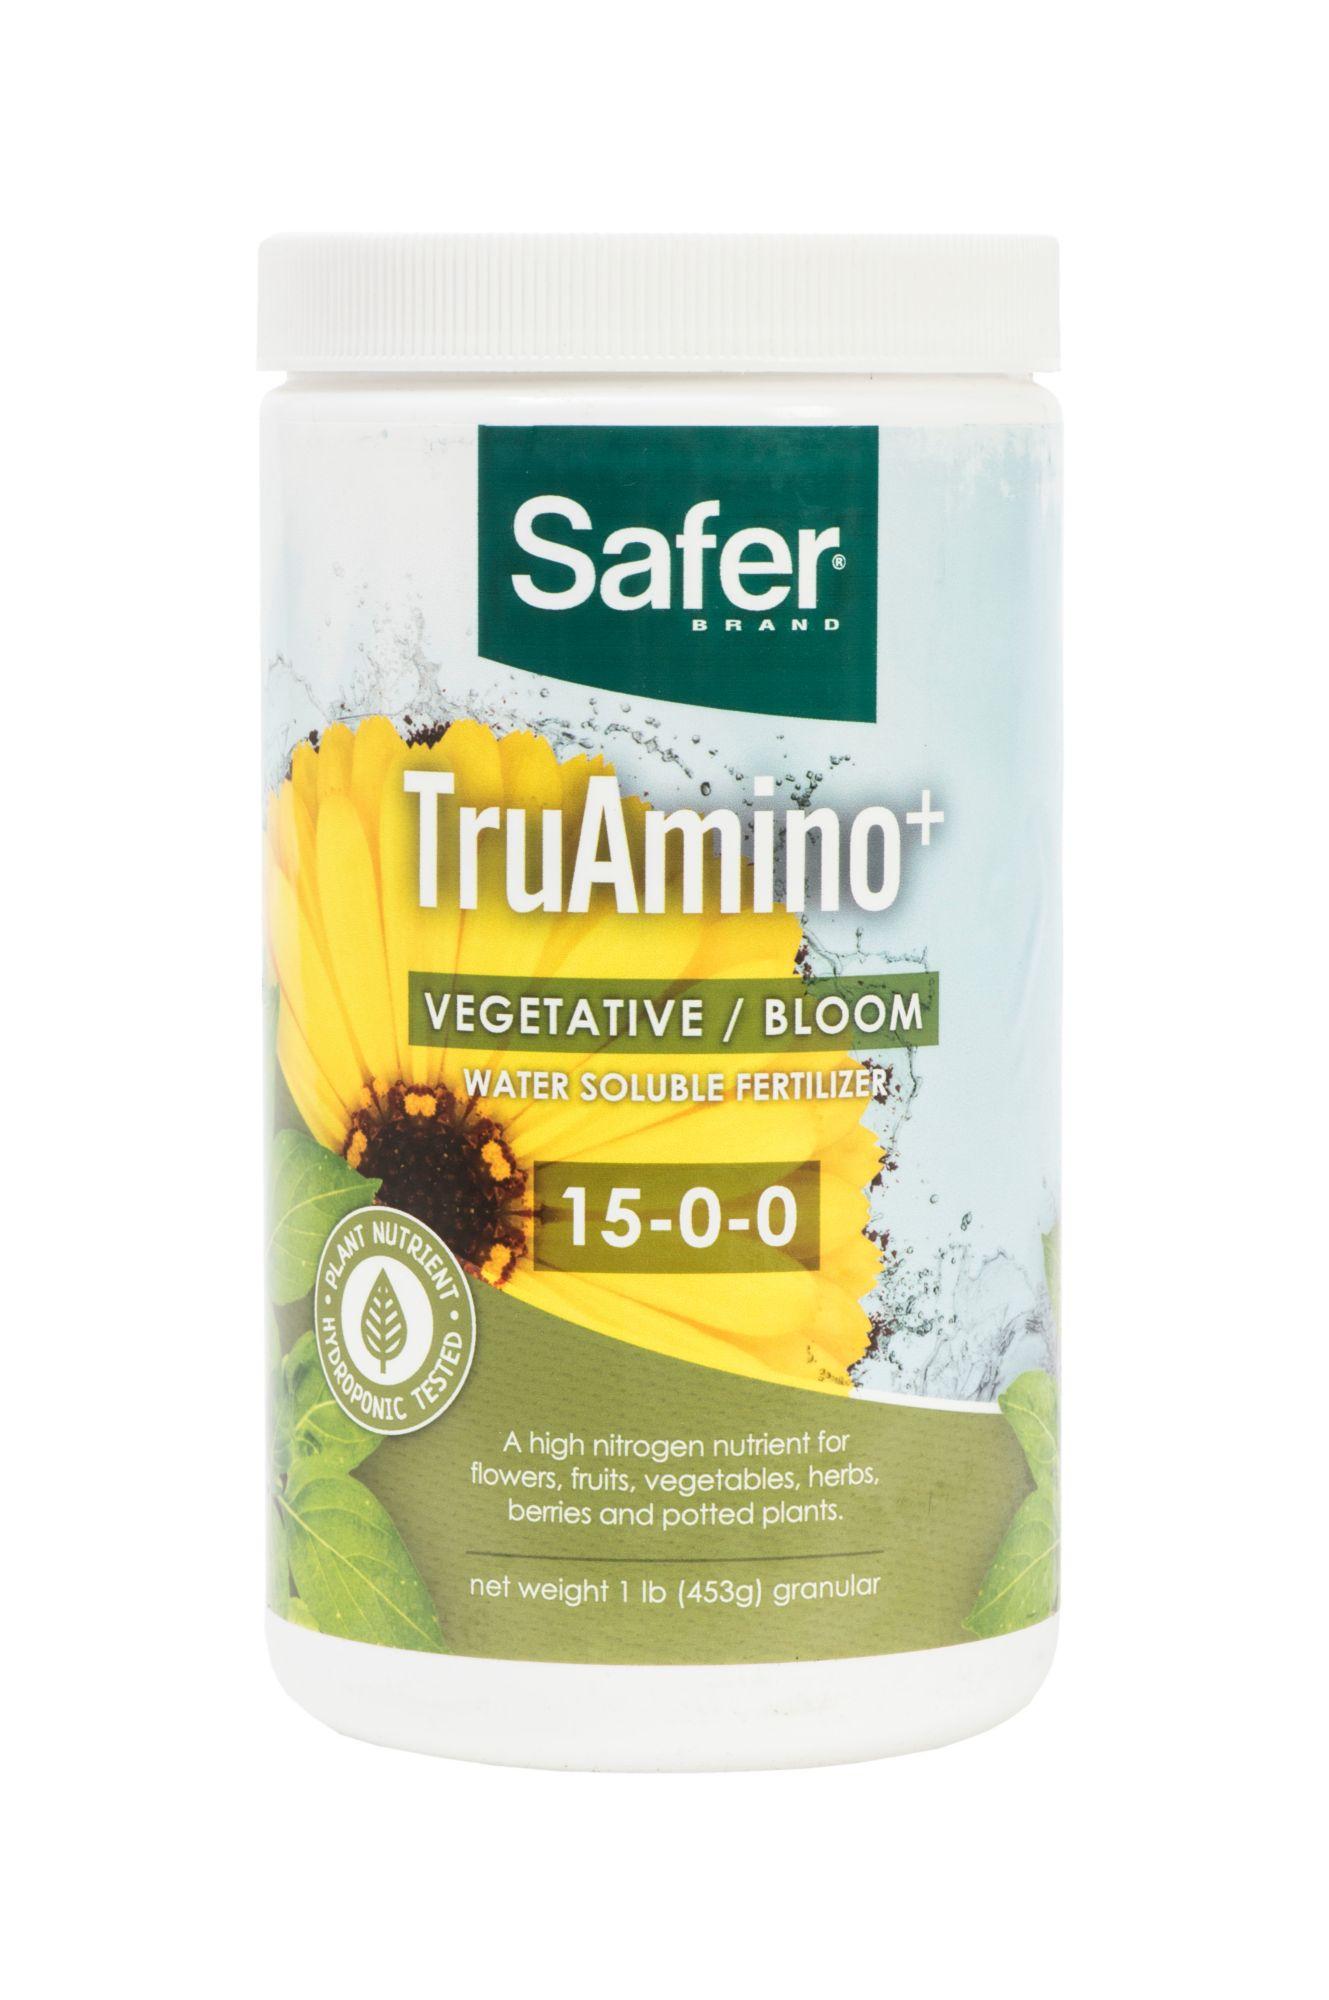 Safer brand truamino 15 0 0 hydroponic nitrogen for Organic soil brands